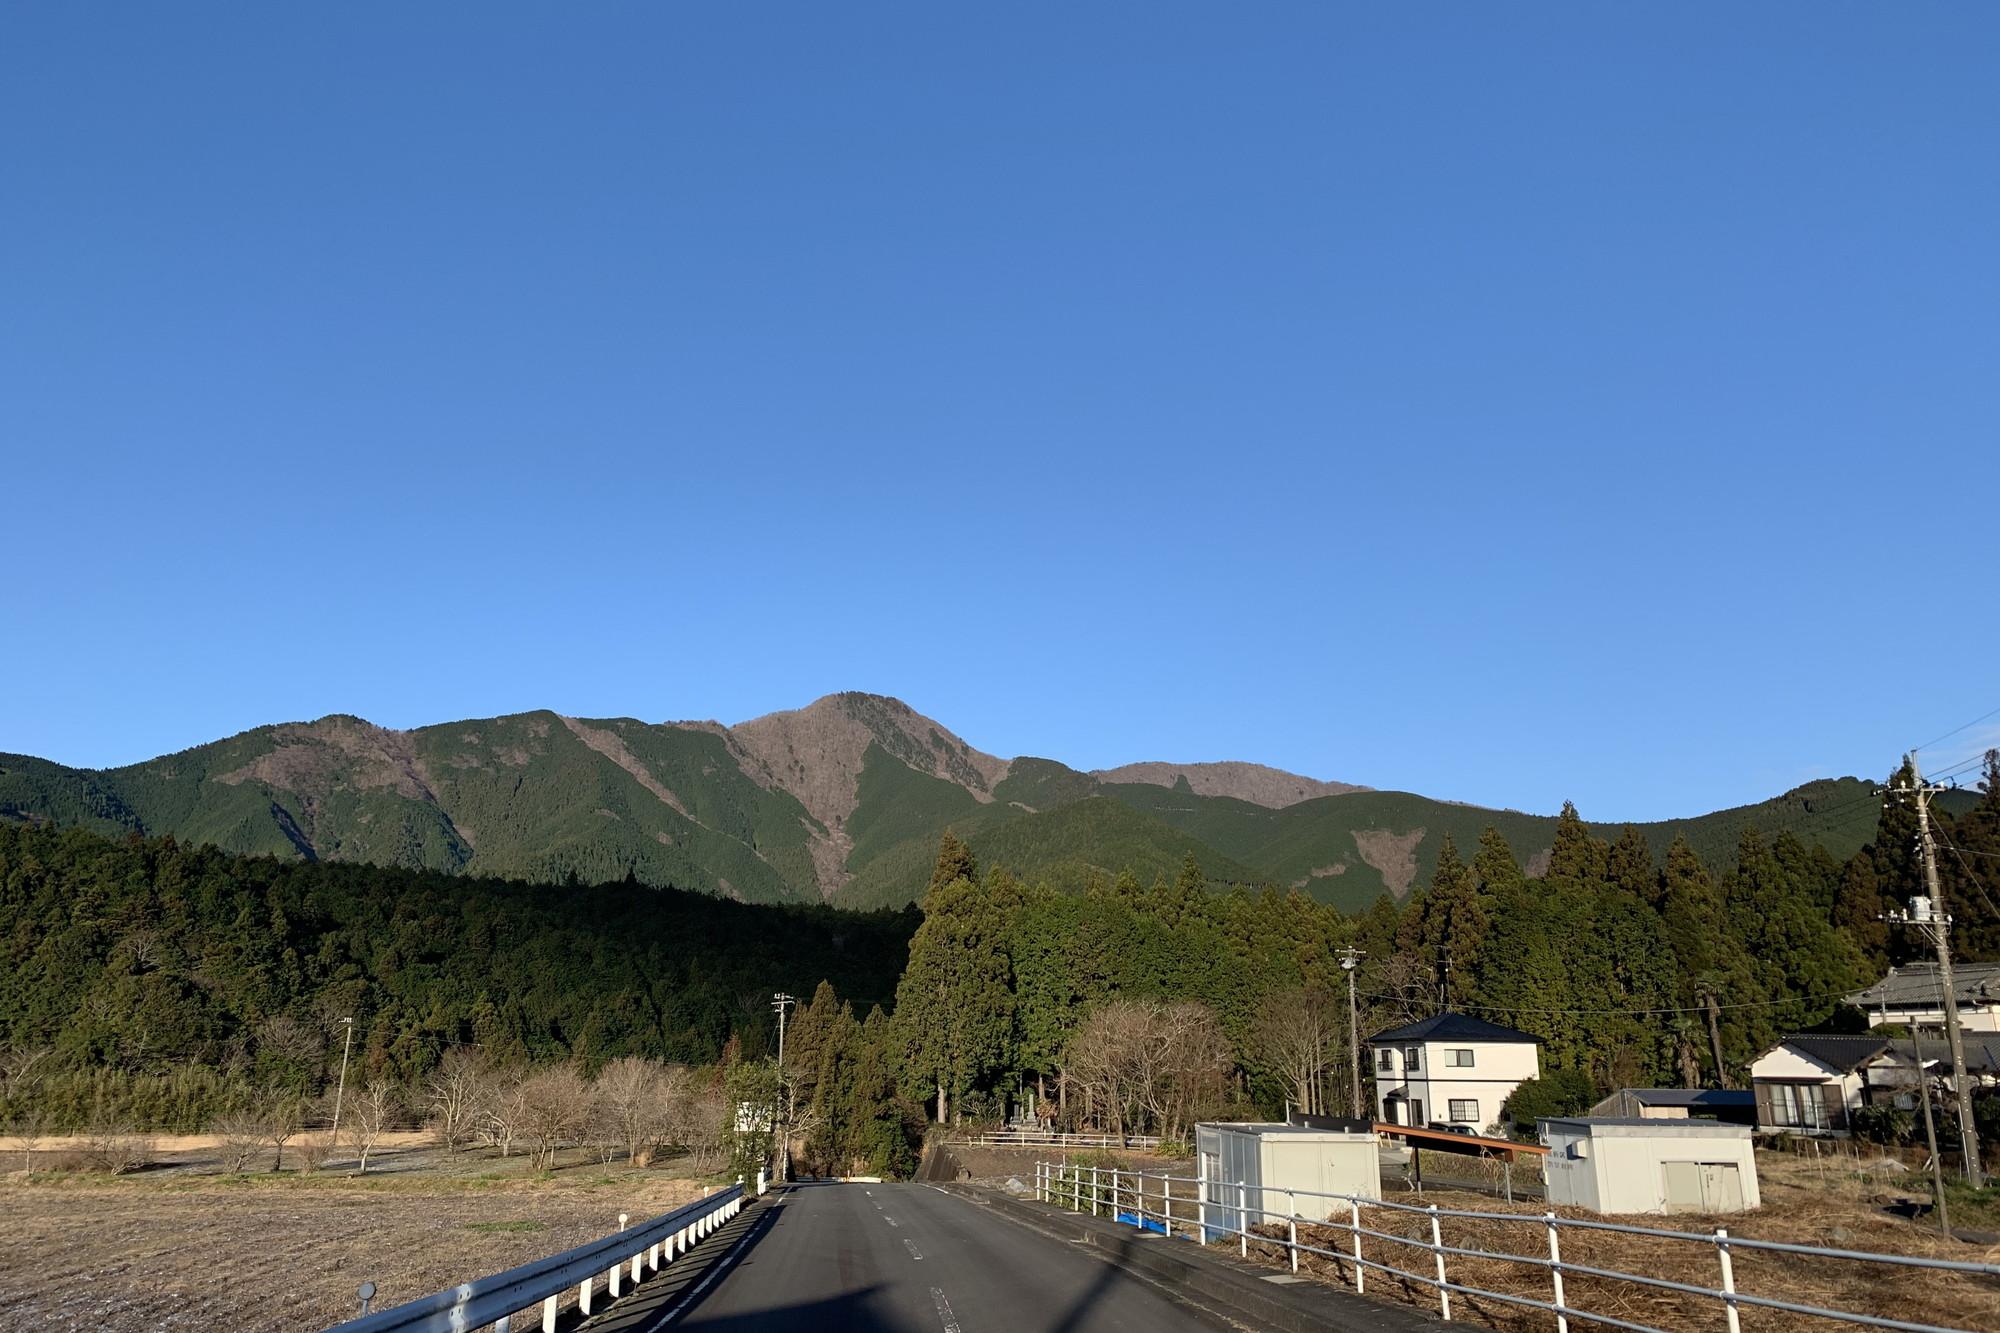 レースでは20kmを走り、いよいよ天使ヶ岳へのトレイルに入る